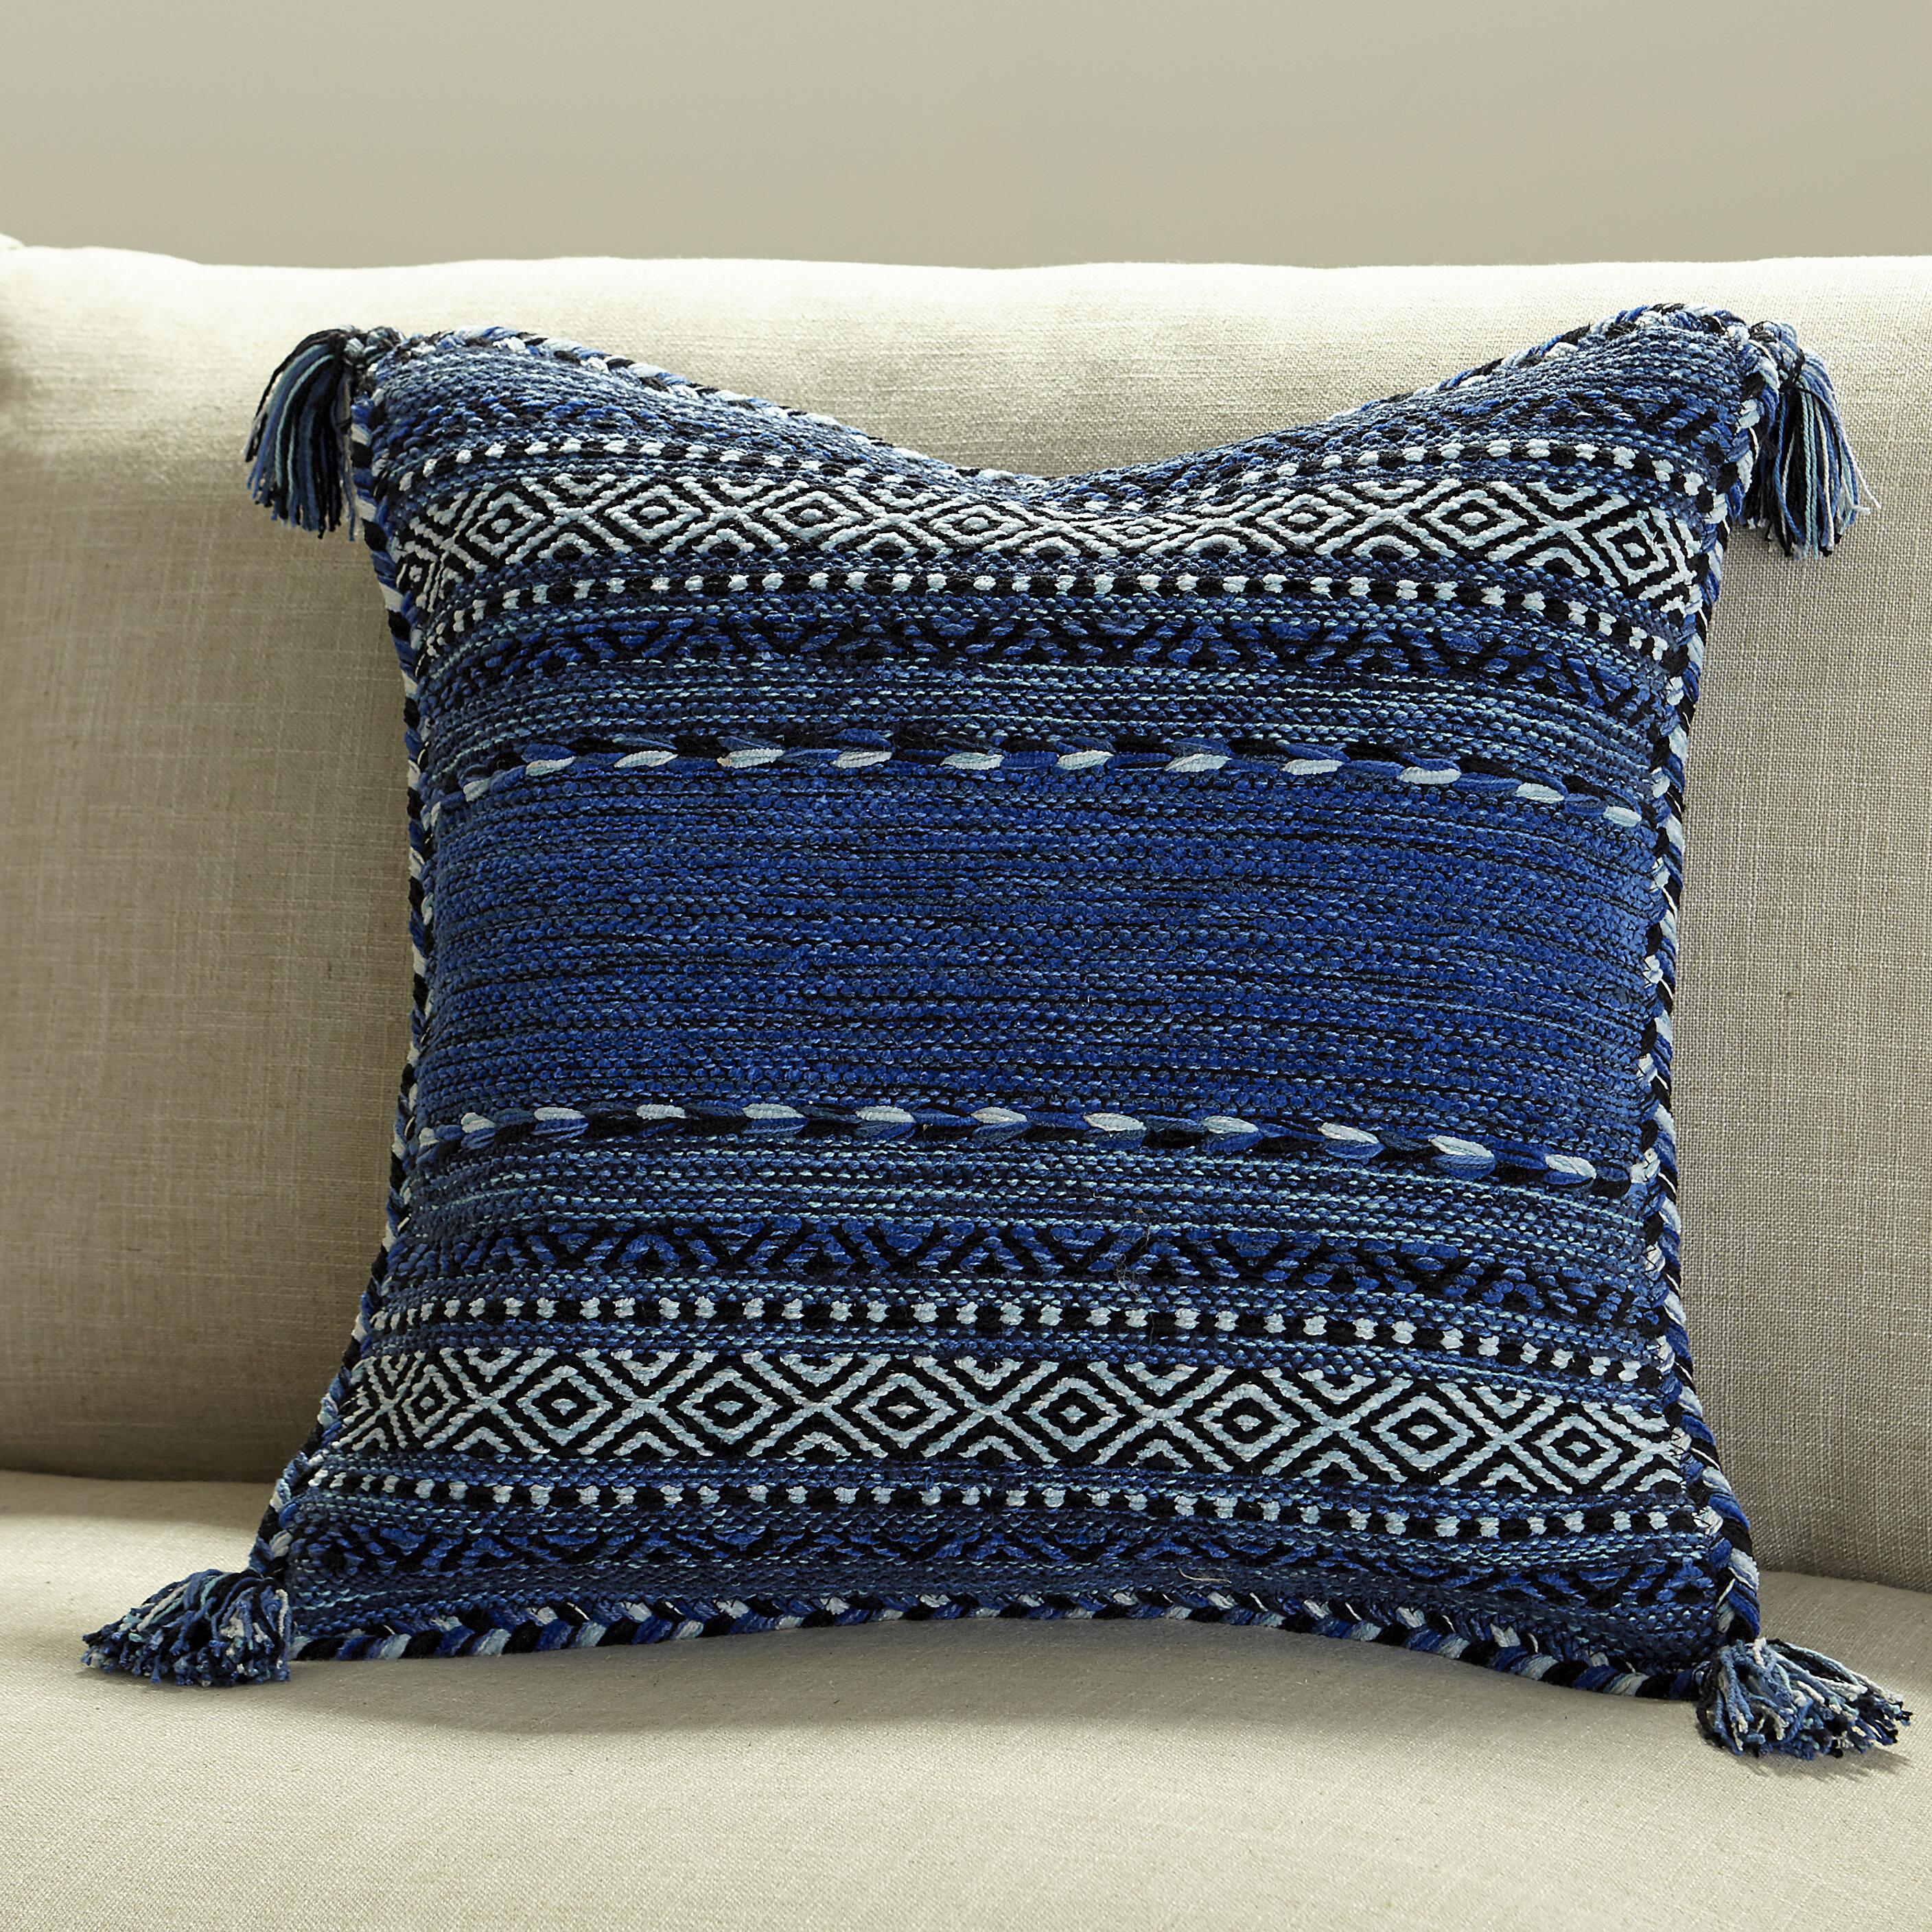 Wayfair Geometric Throw Pillows You Ll Love In 2021